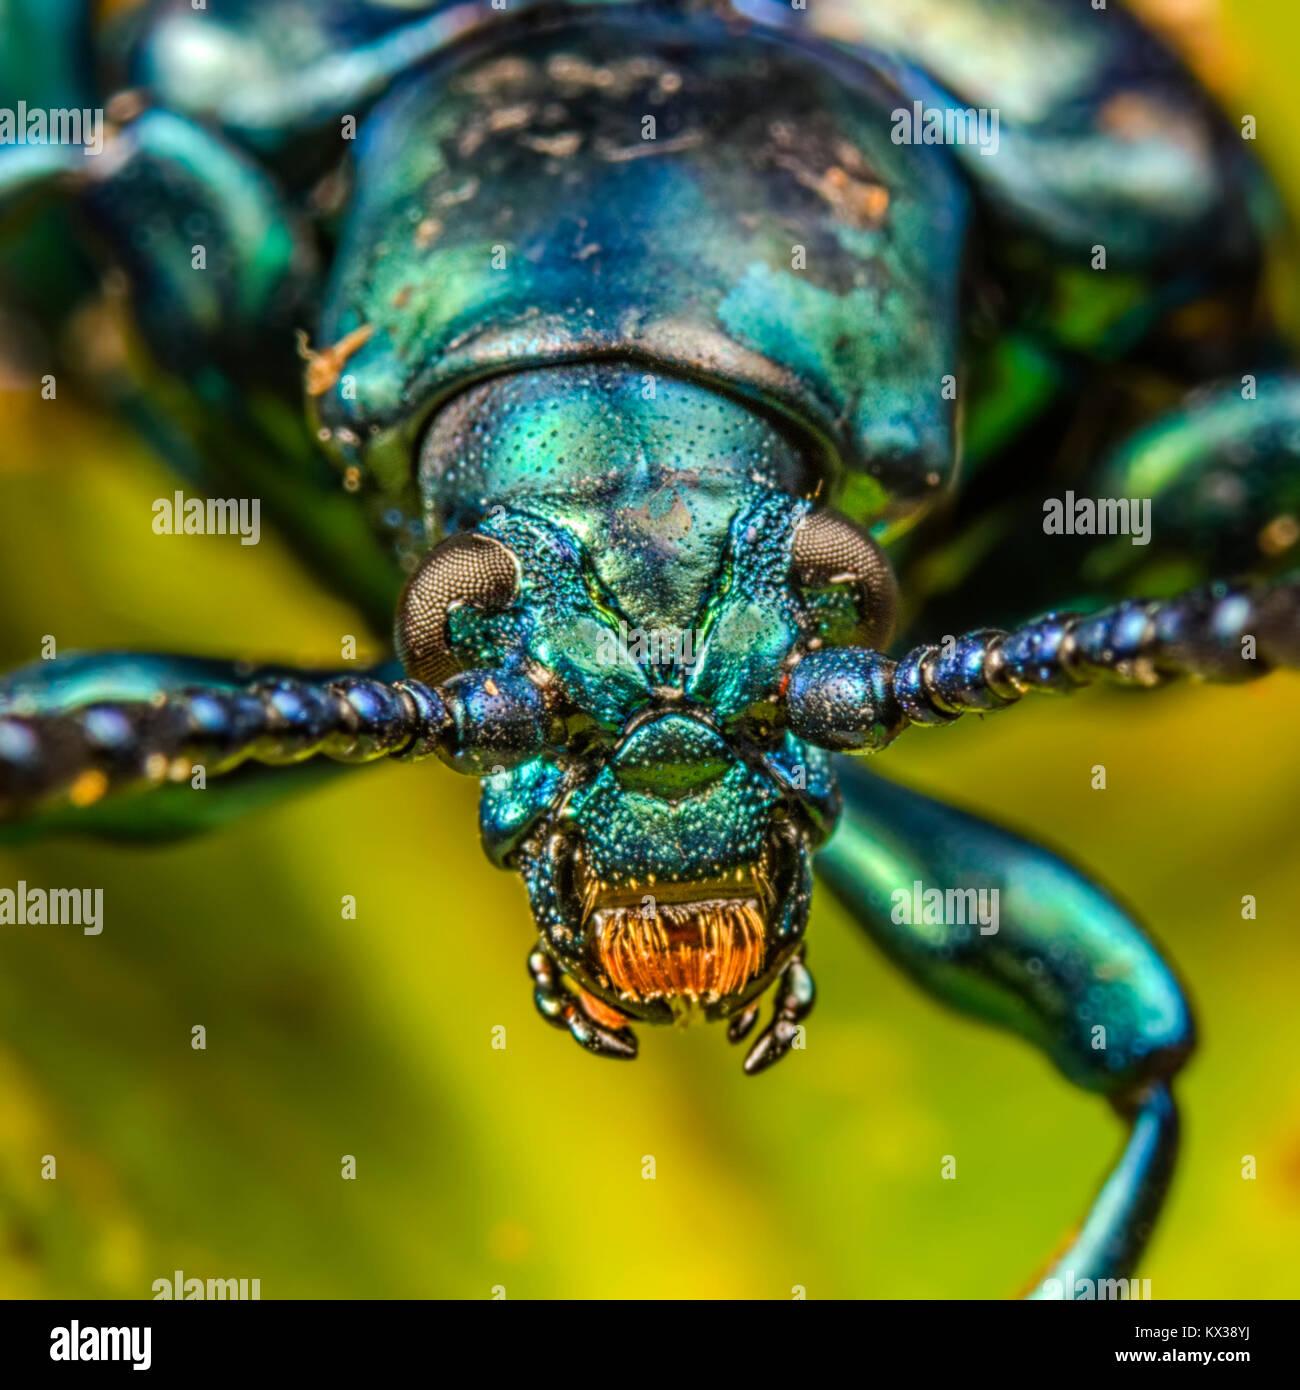 Makro Bild eines grünen Frosch Legged Käfer (Sagra Buqueti) Stockfoto